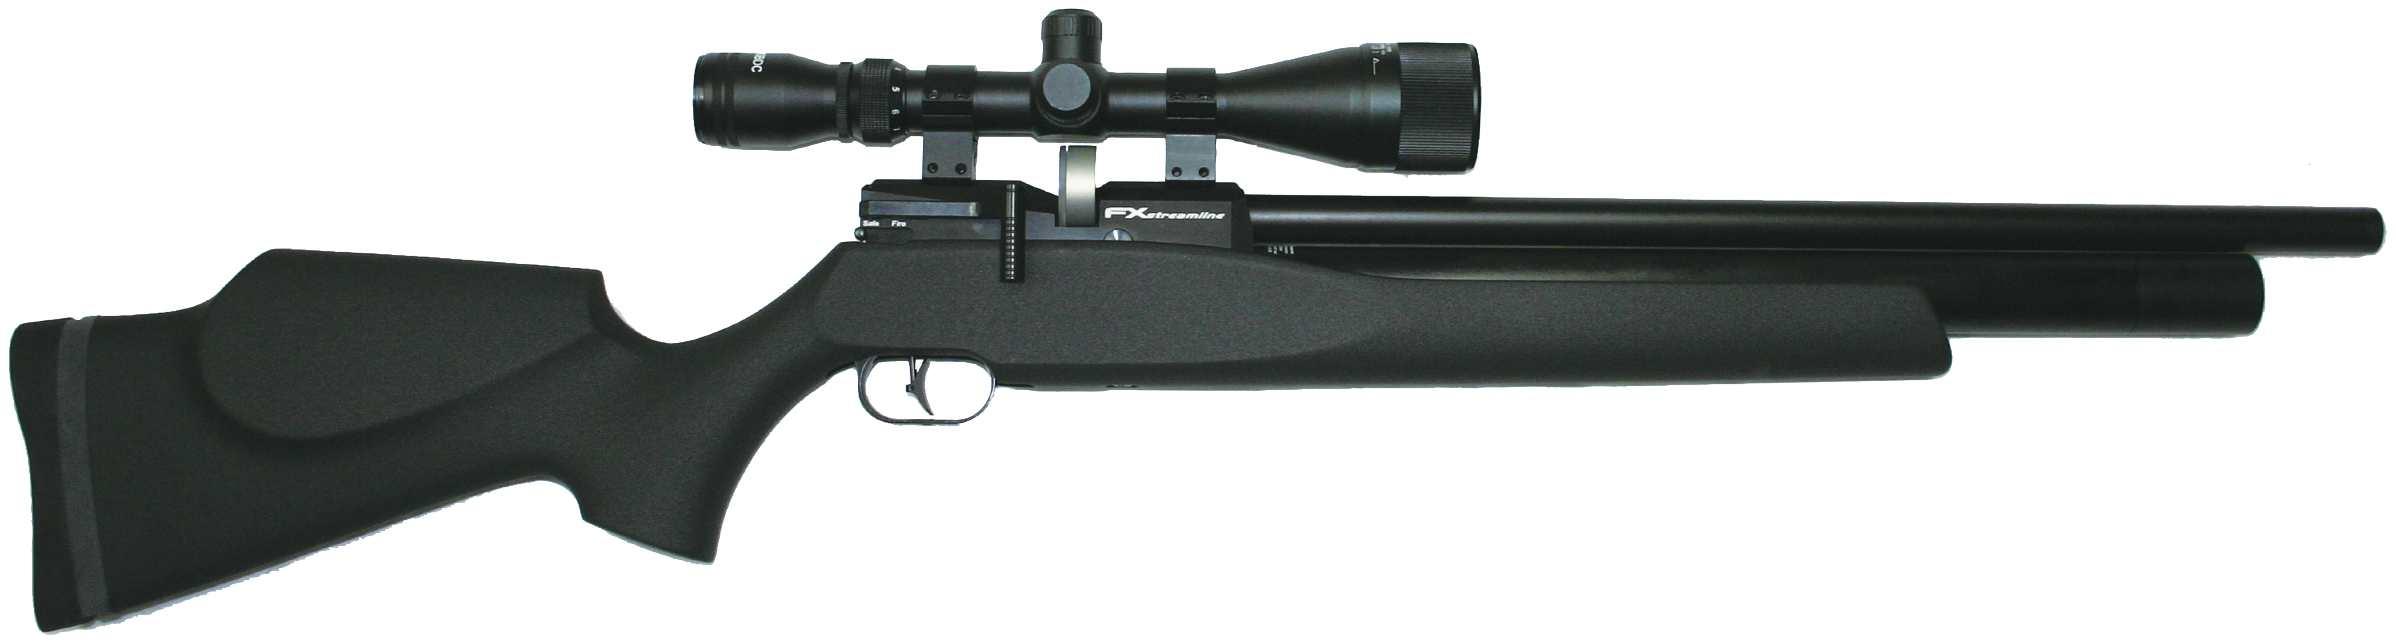 streamline carbine